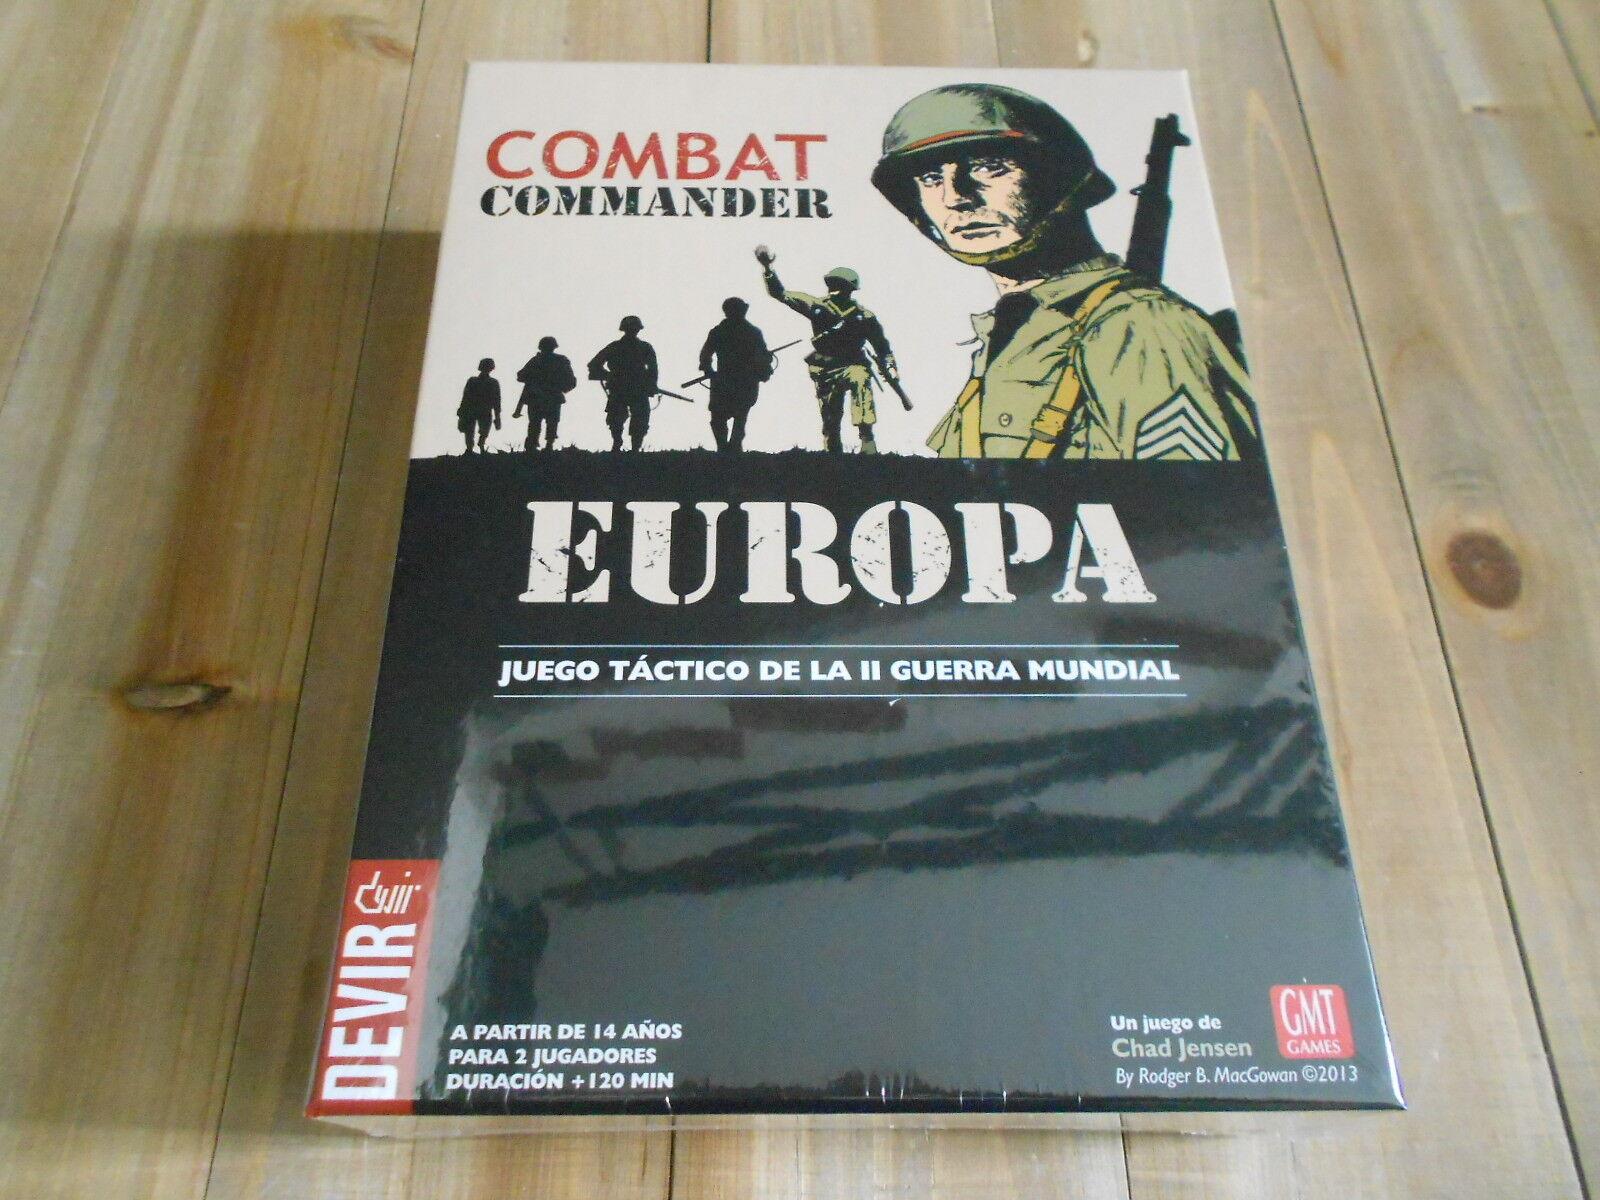 Jeu Warspel Tactique - Combat Commander Europe - Devir Gmt WWW II